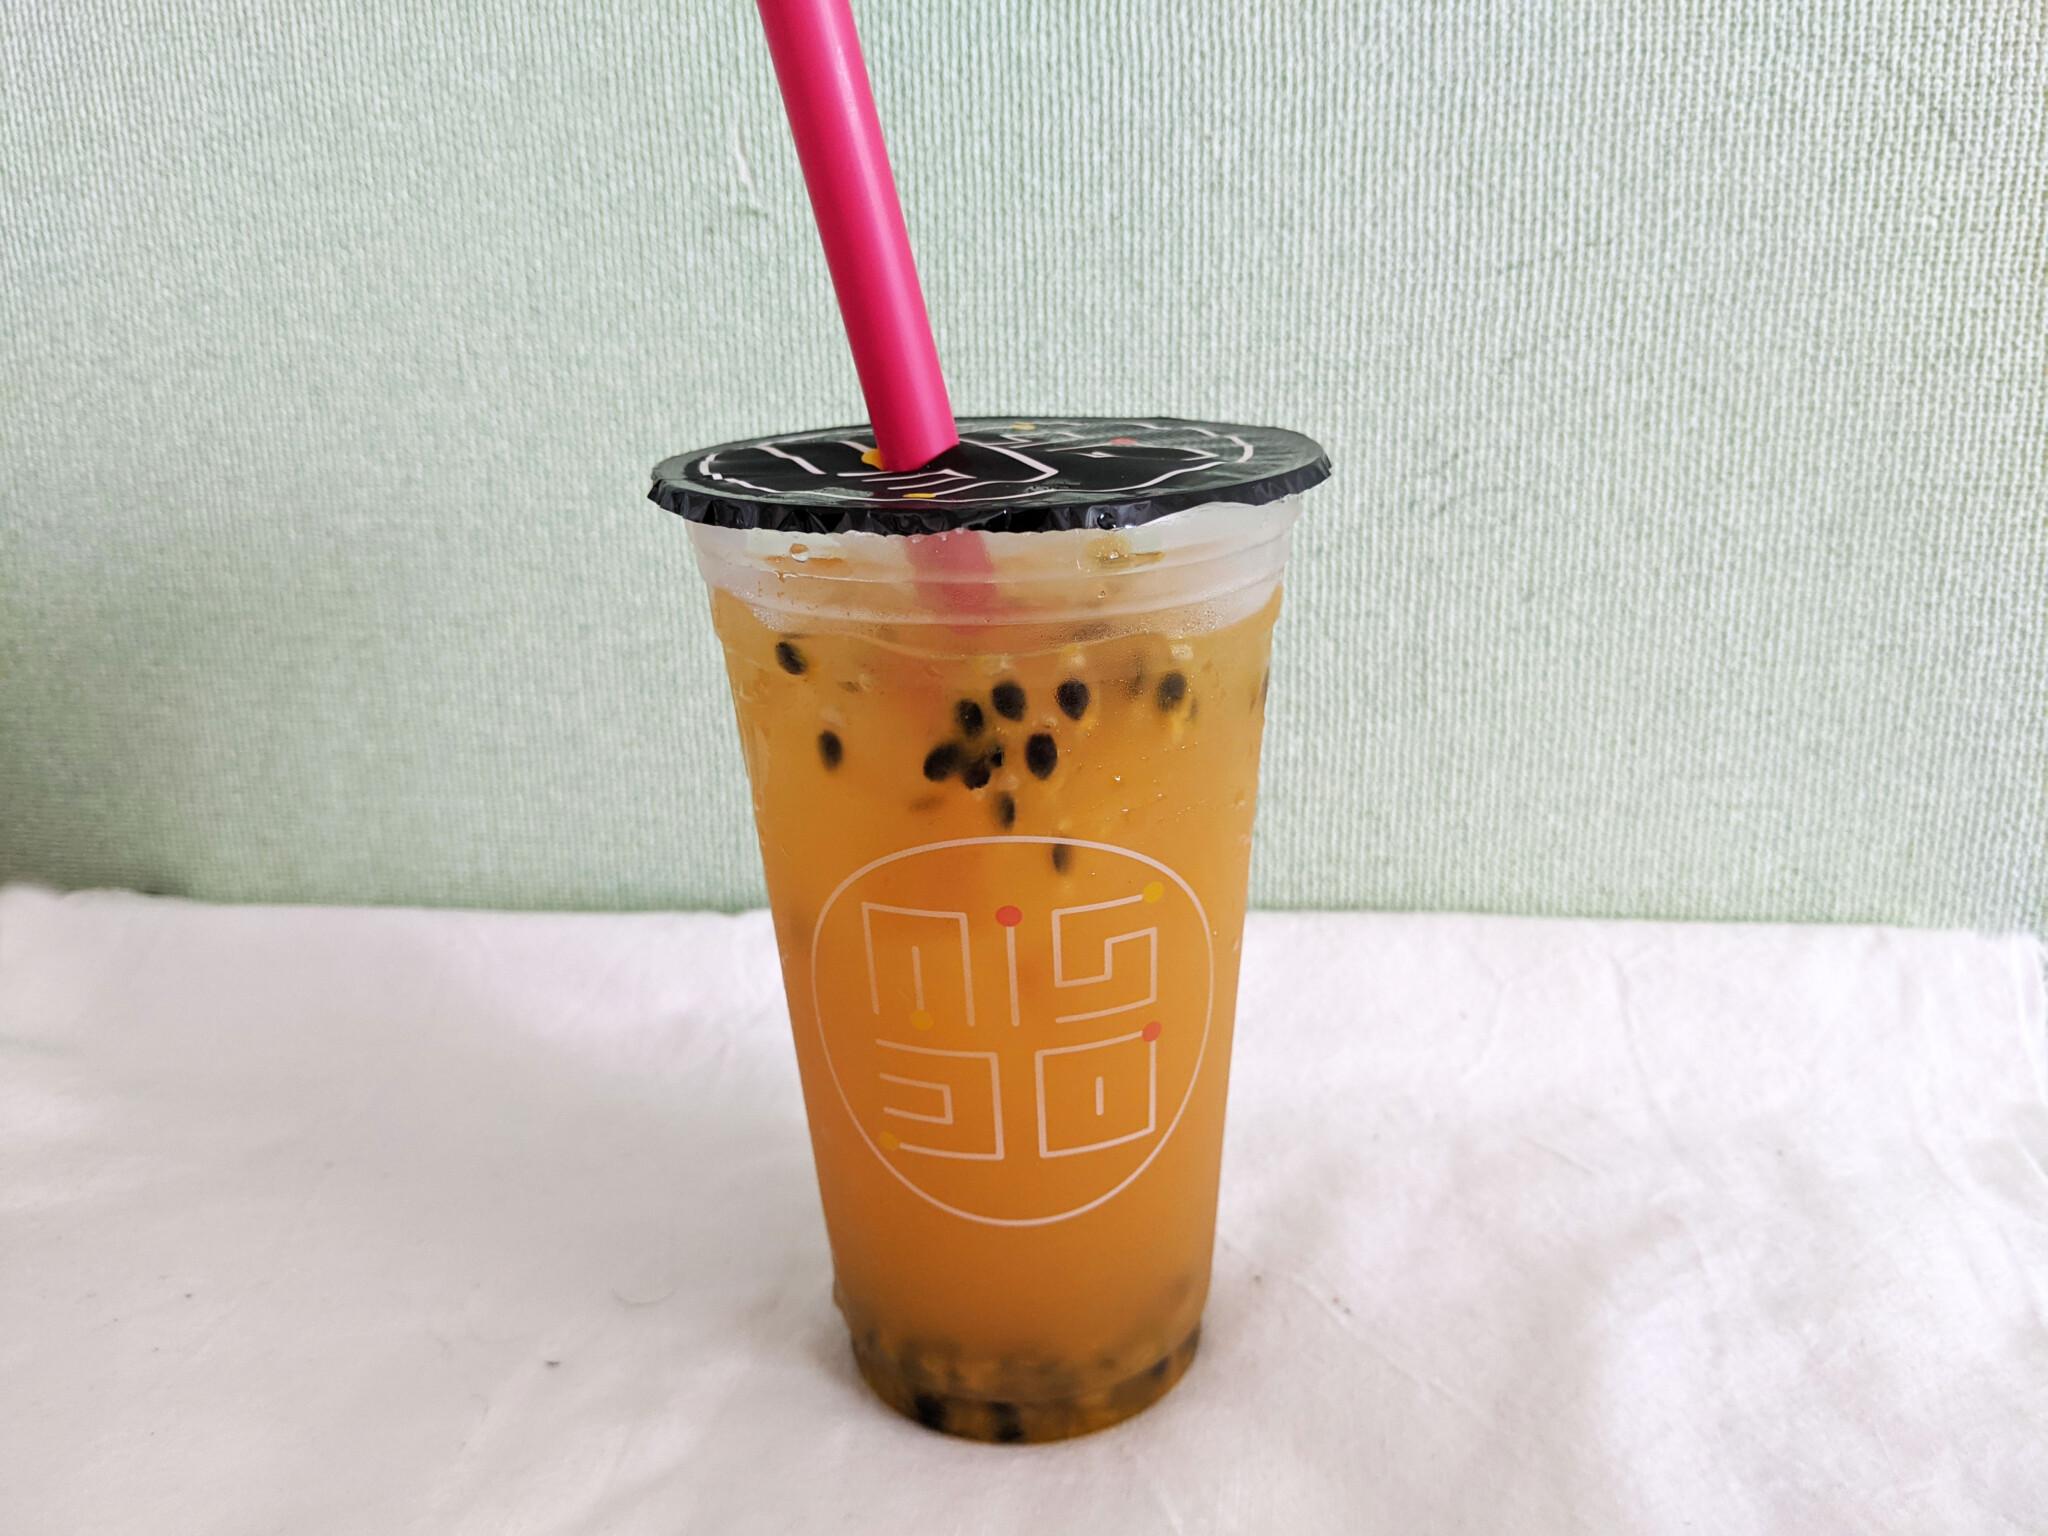 むぎゅっとドーナツ ミスド ミスド新作 台湾果茶 ミスタードーナツ